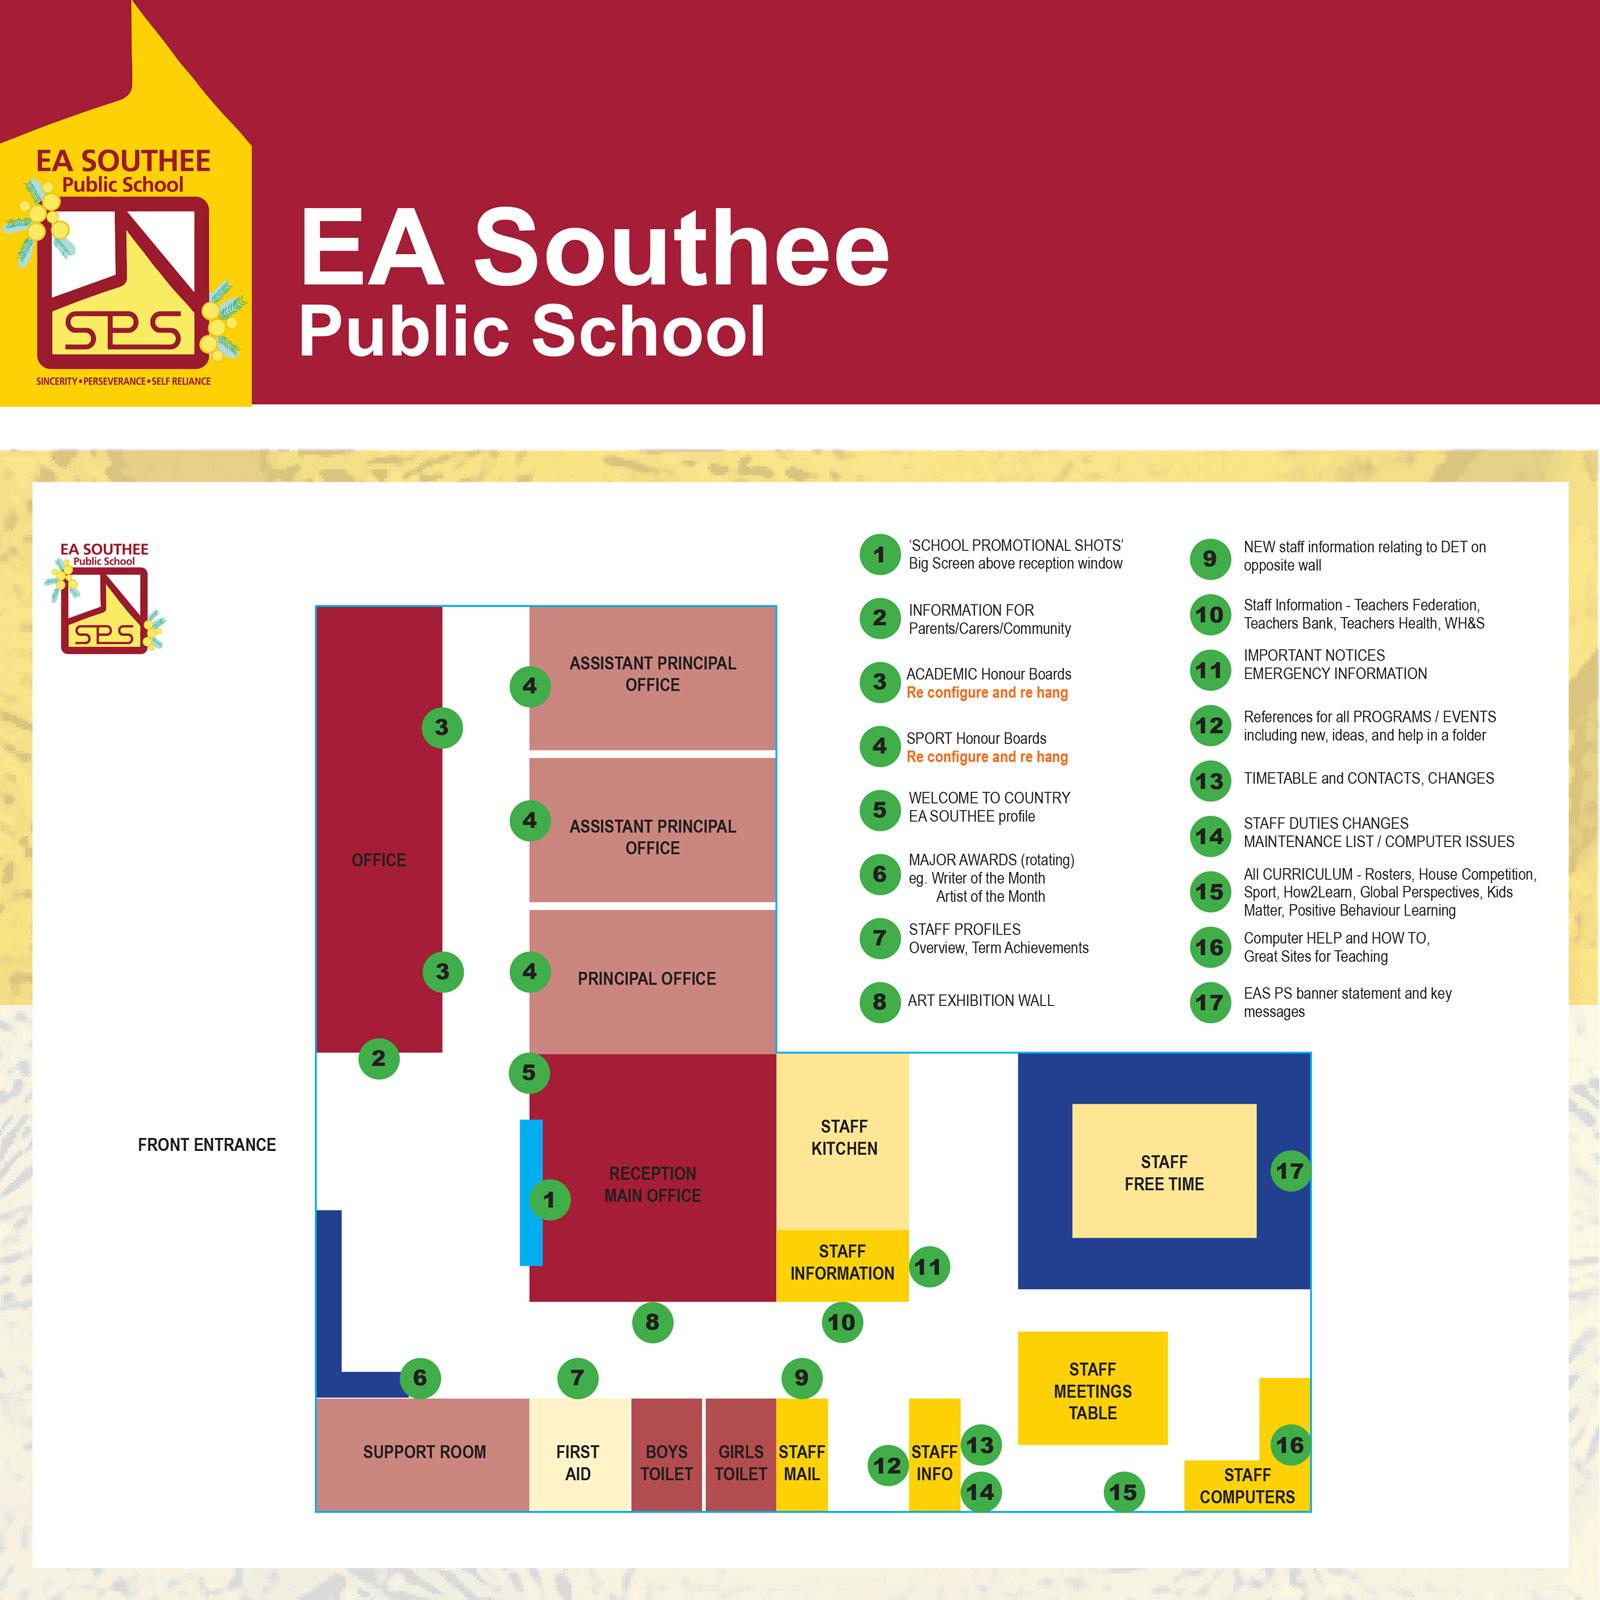 E A Southee Public School branding